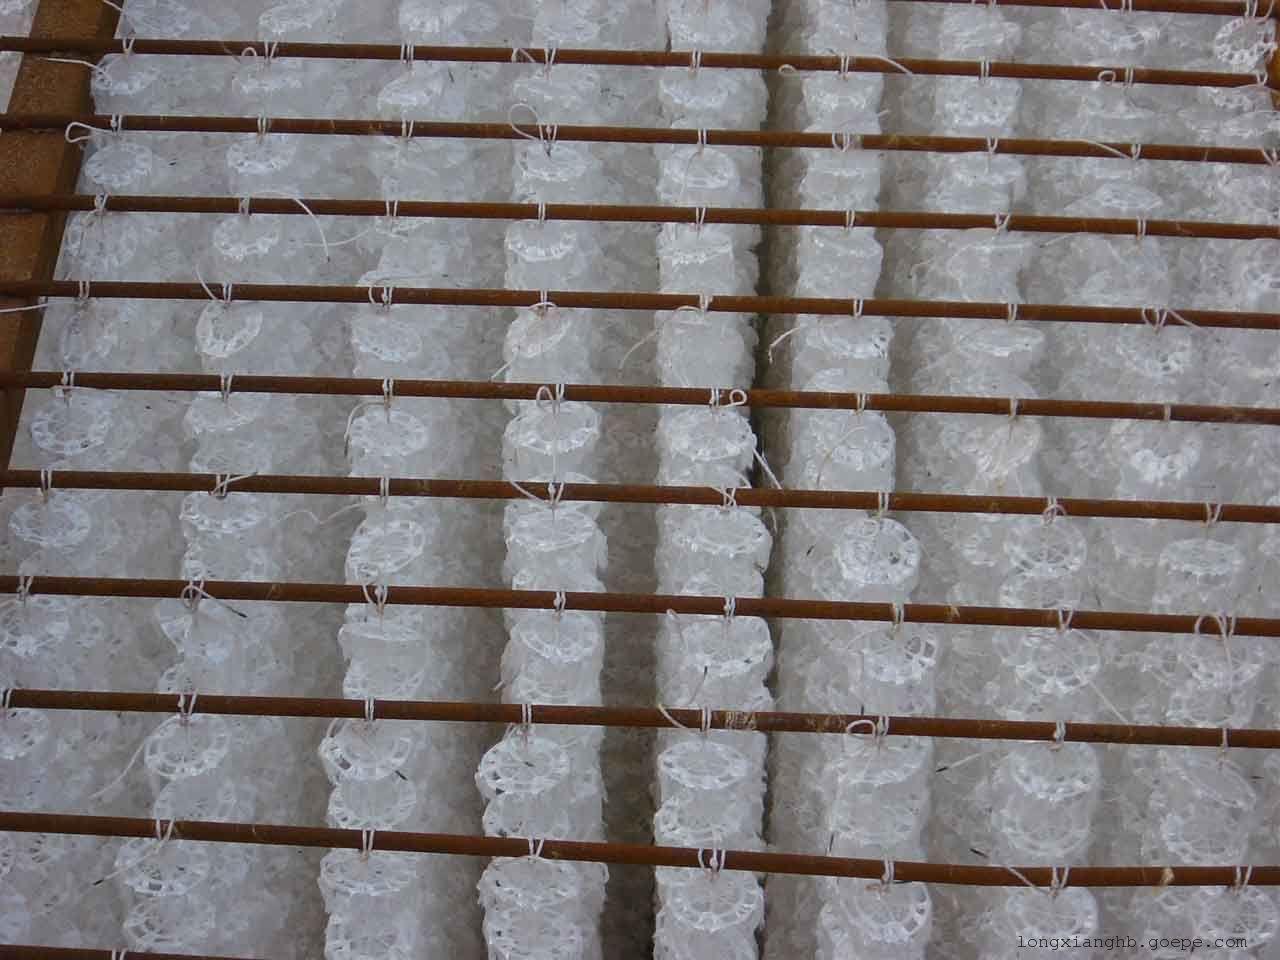 批发供应组合填料 优质组合填料厂家